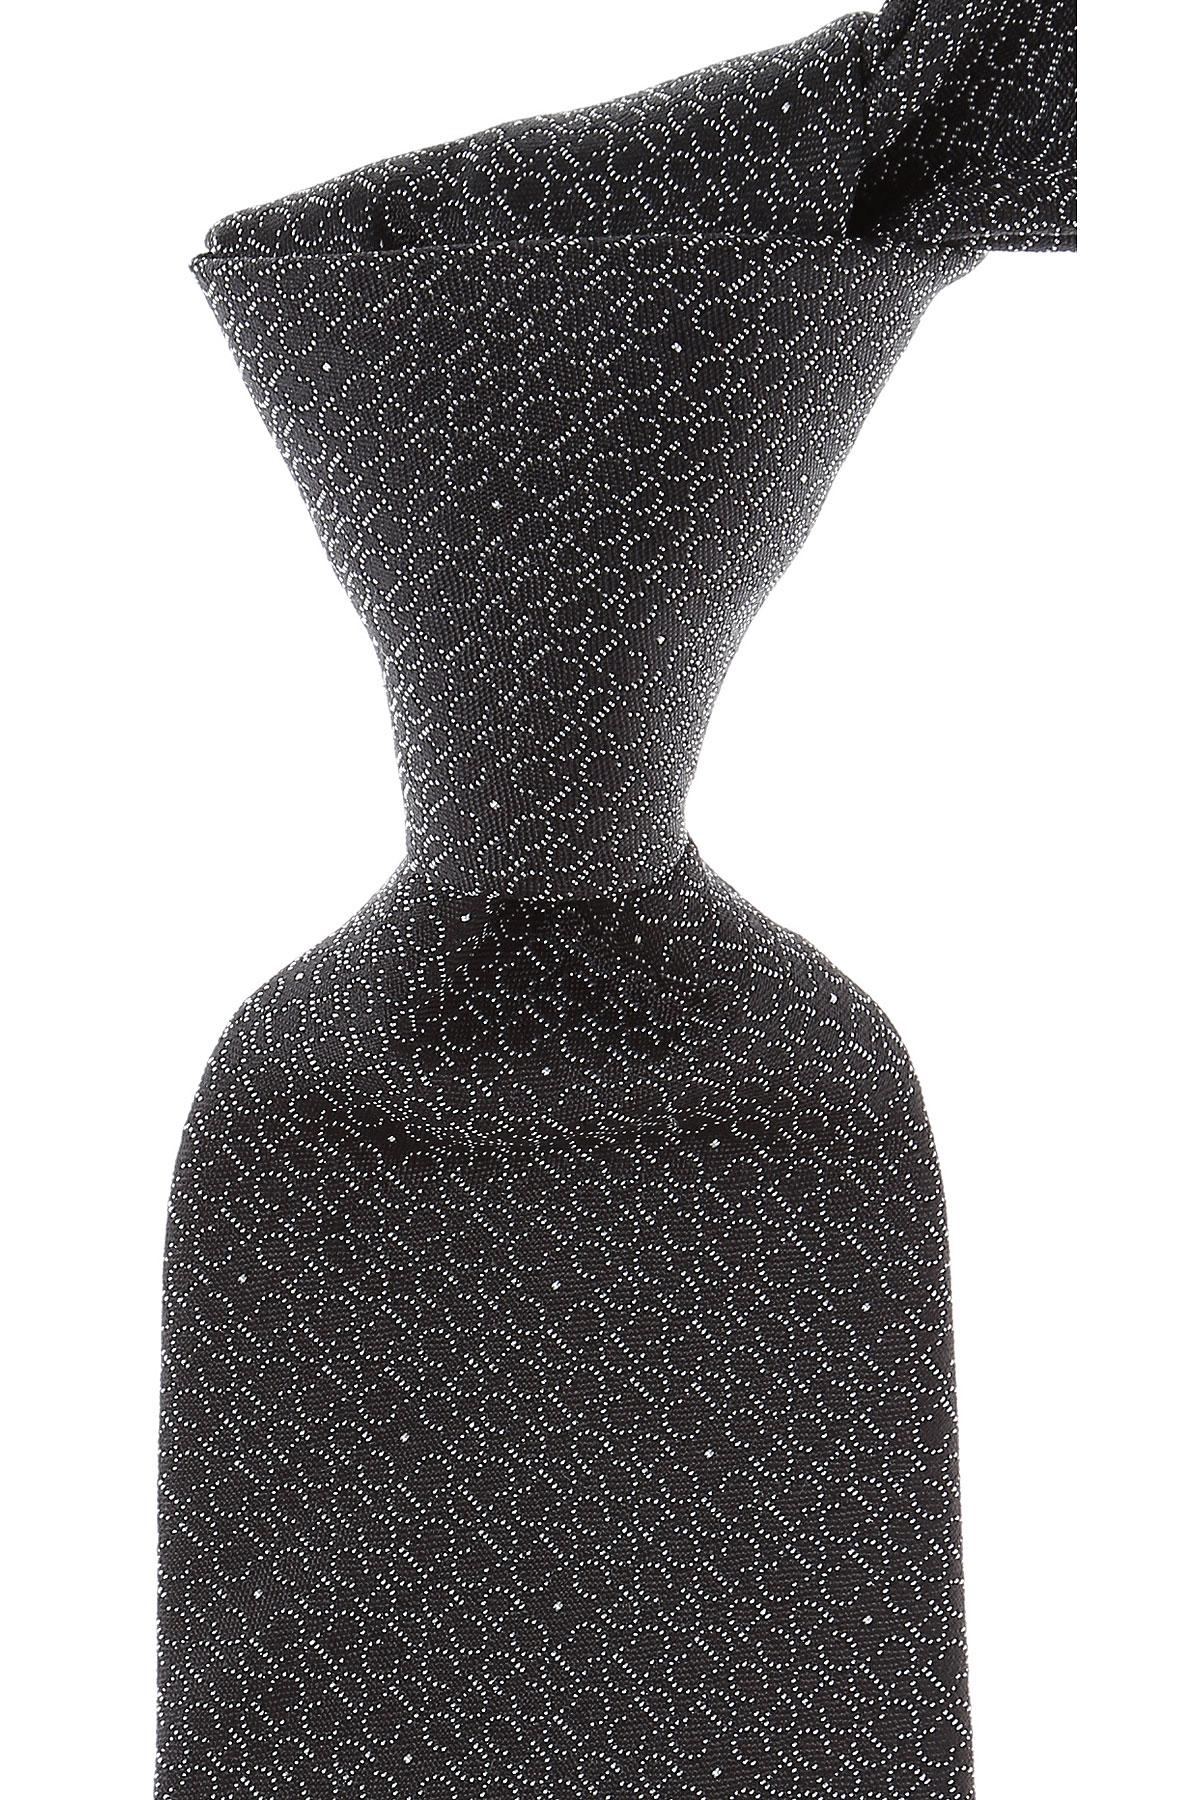 Cravates Christian Dior Pas cher en Soldes, Noir, Soie, 2017